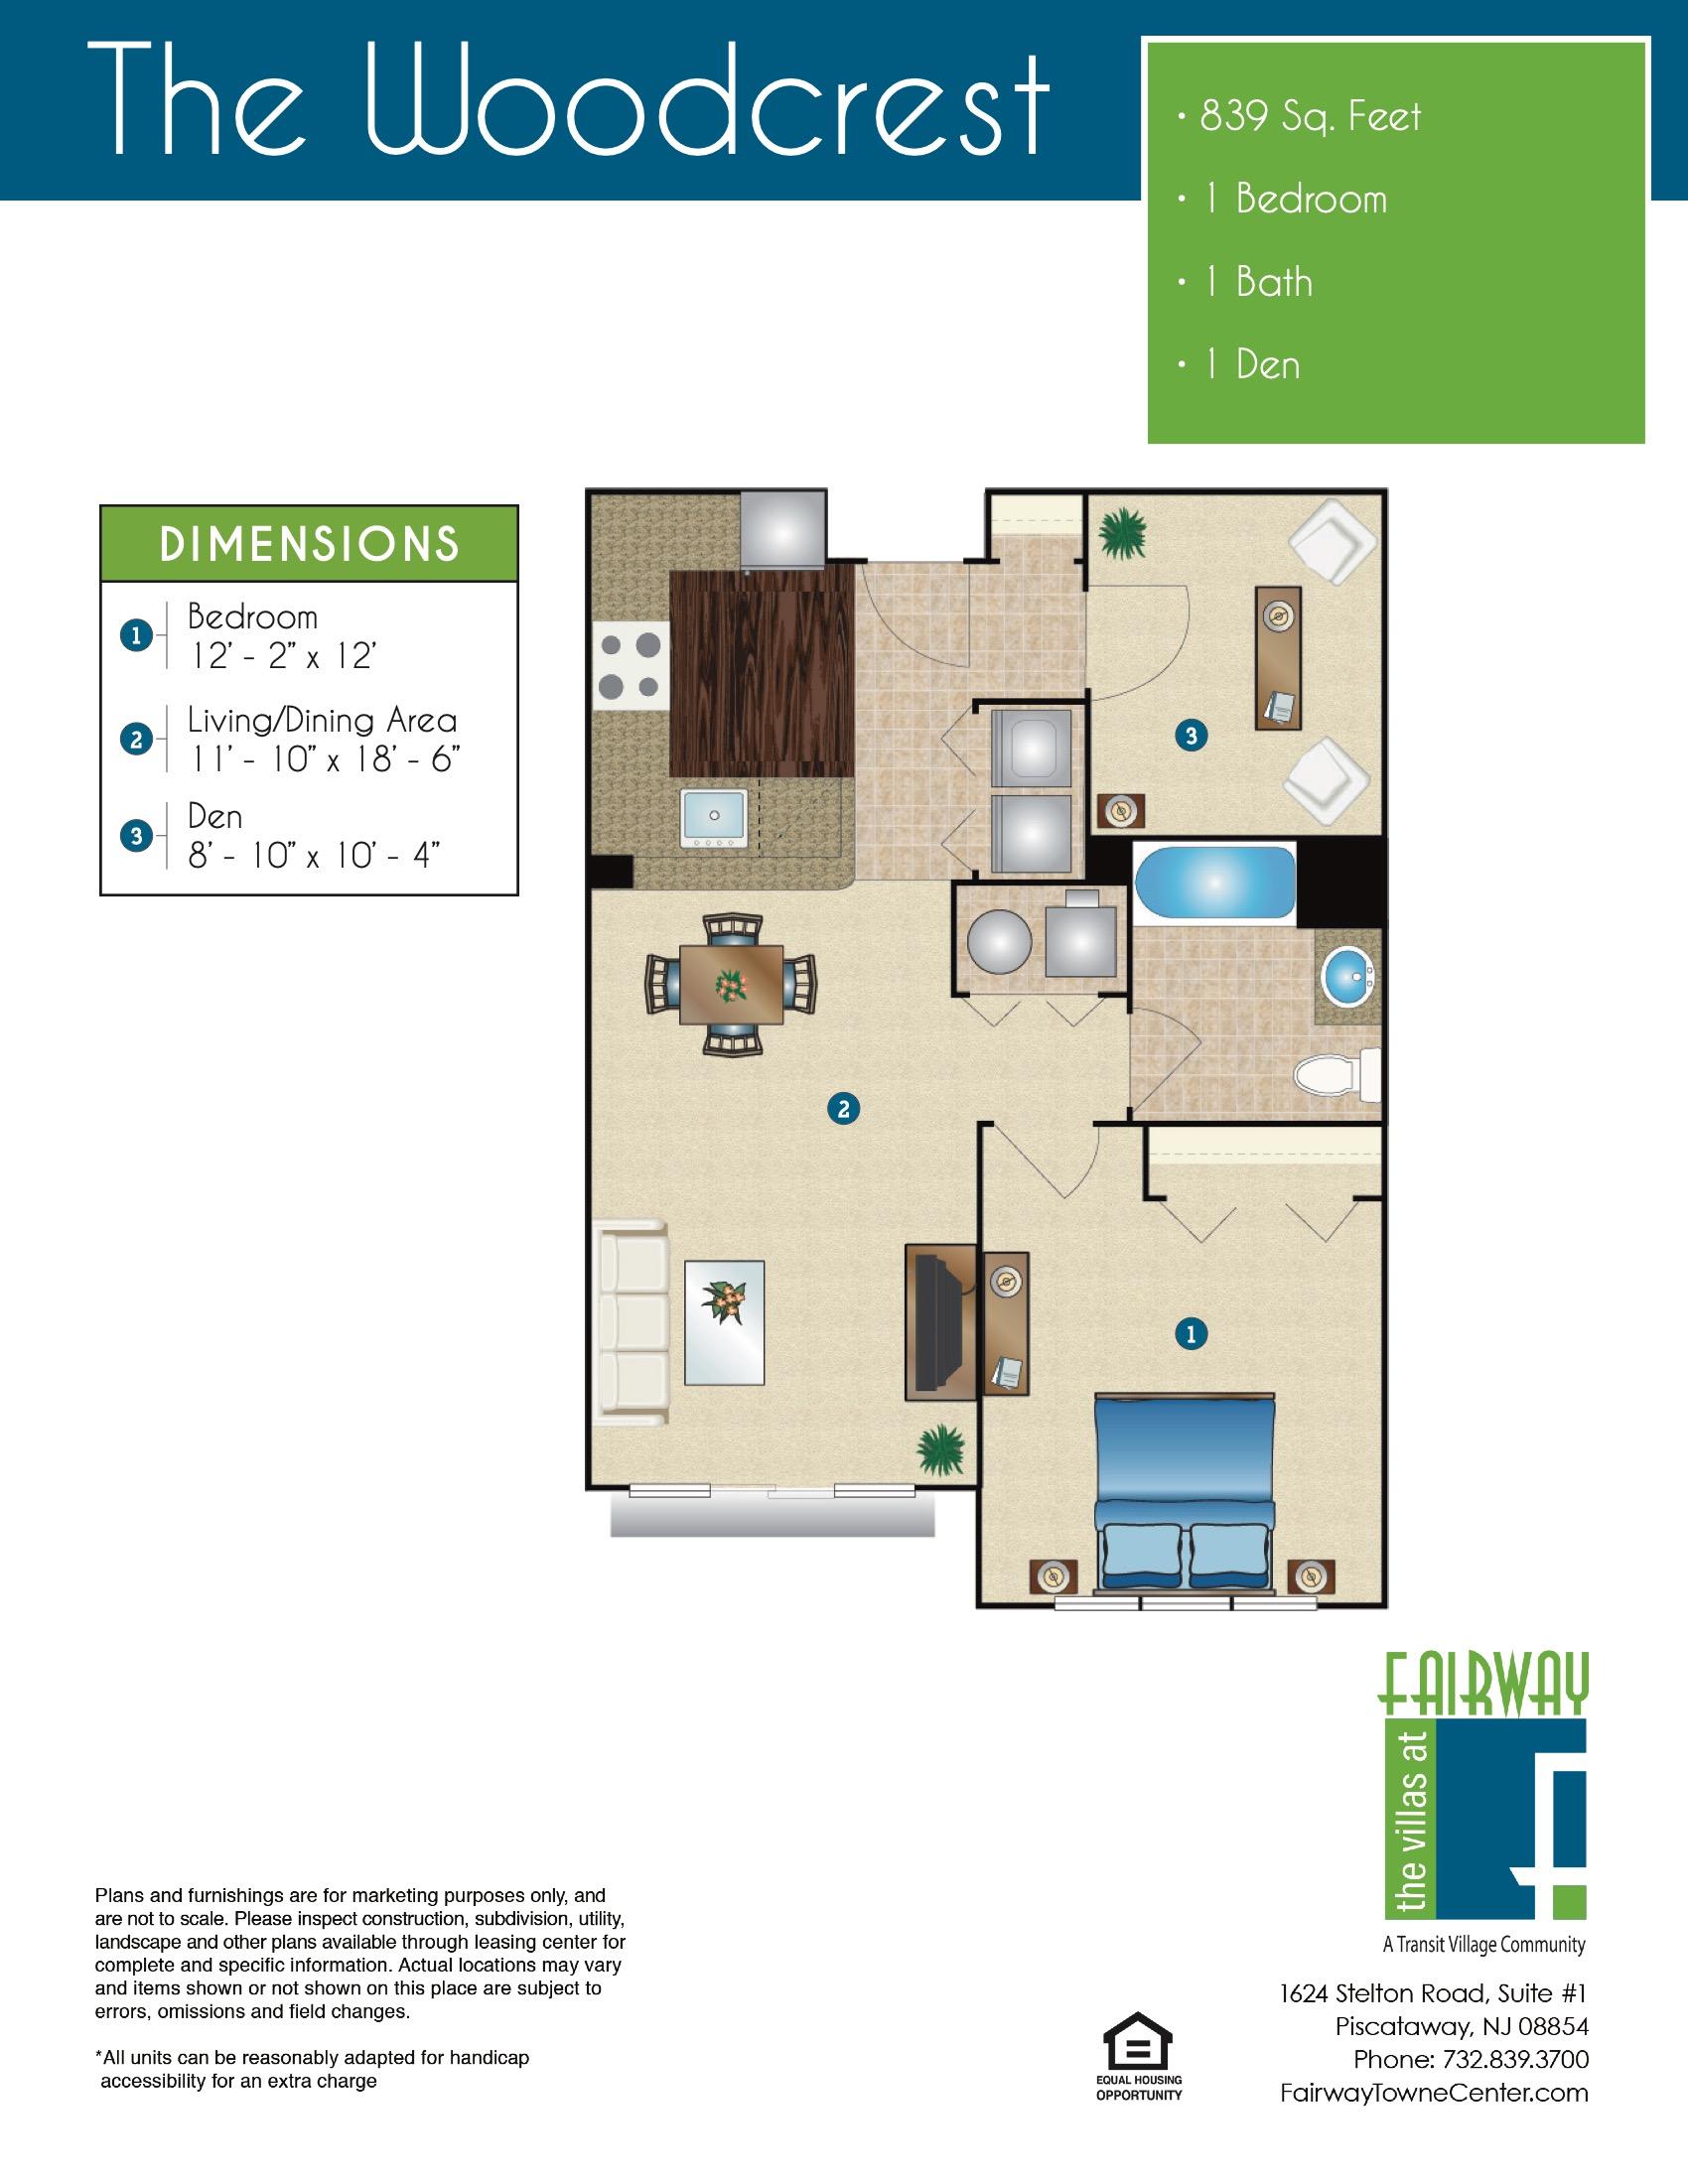 The Woodcrest Floor Plan